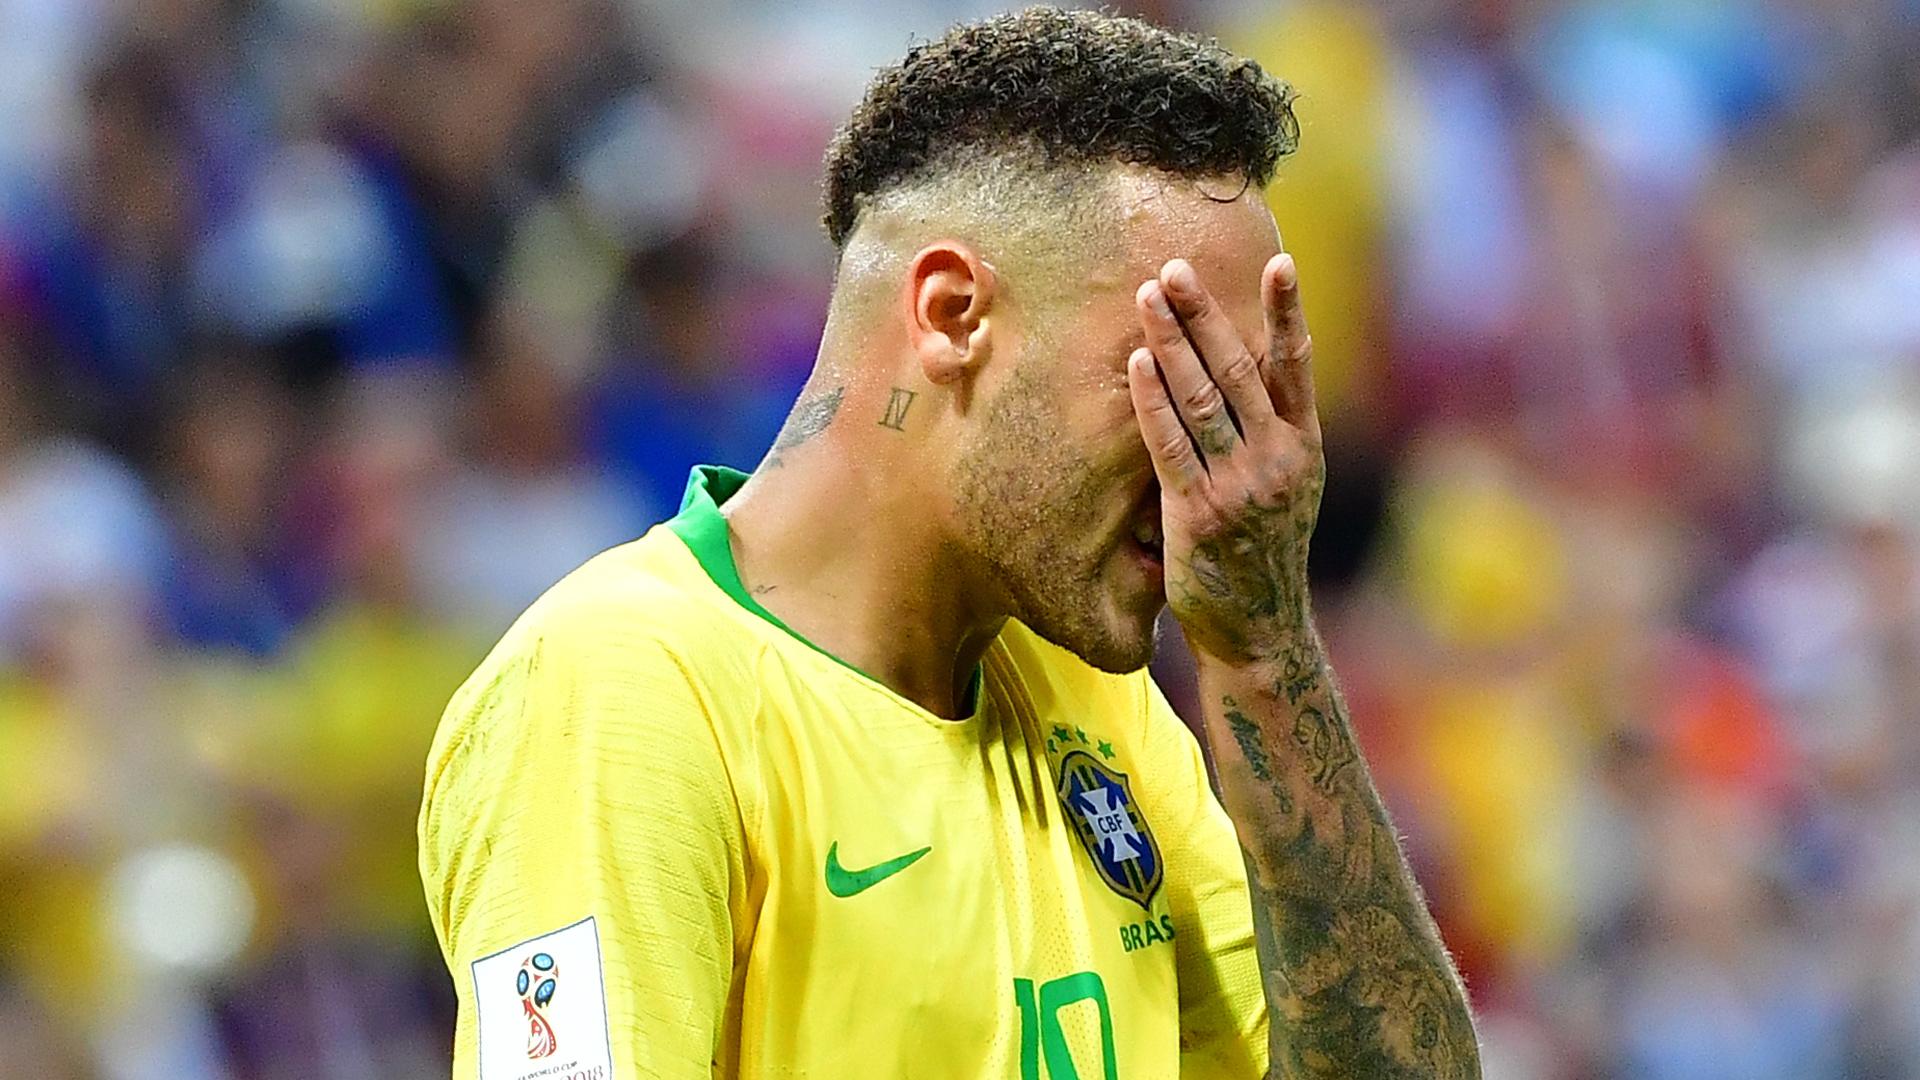 Neymar admite sus reacciones exageradas en un comercial